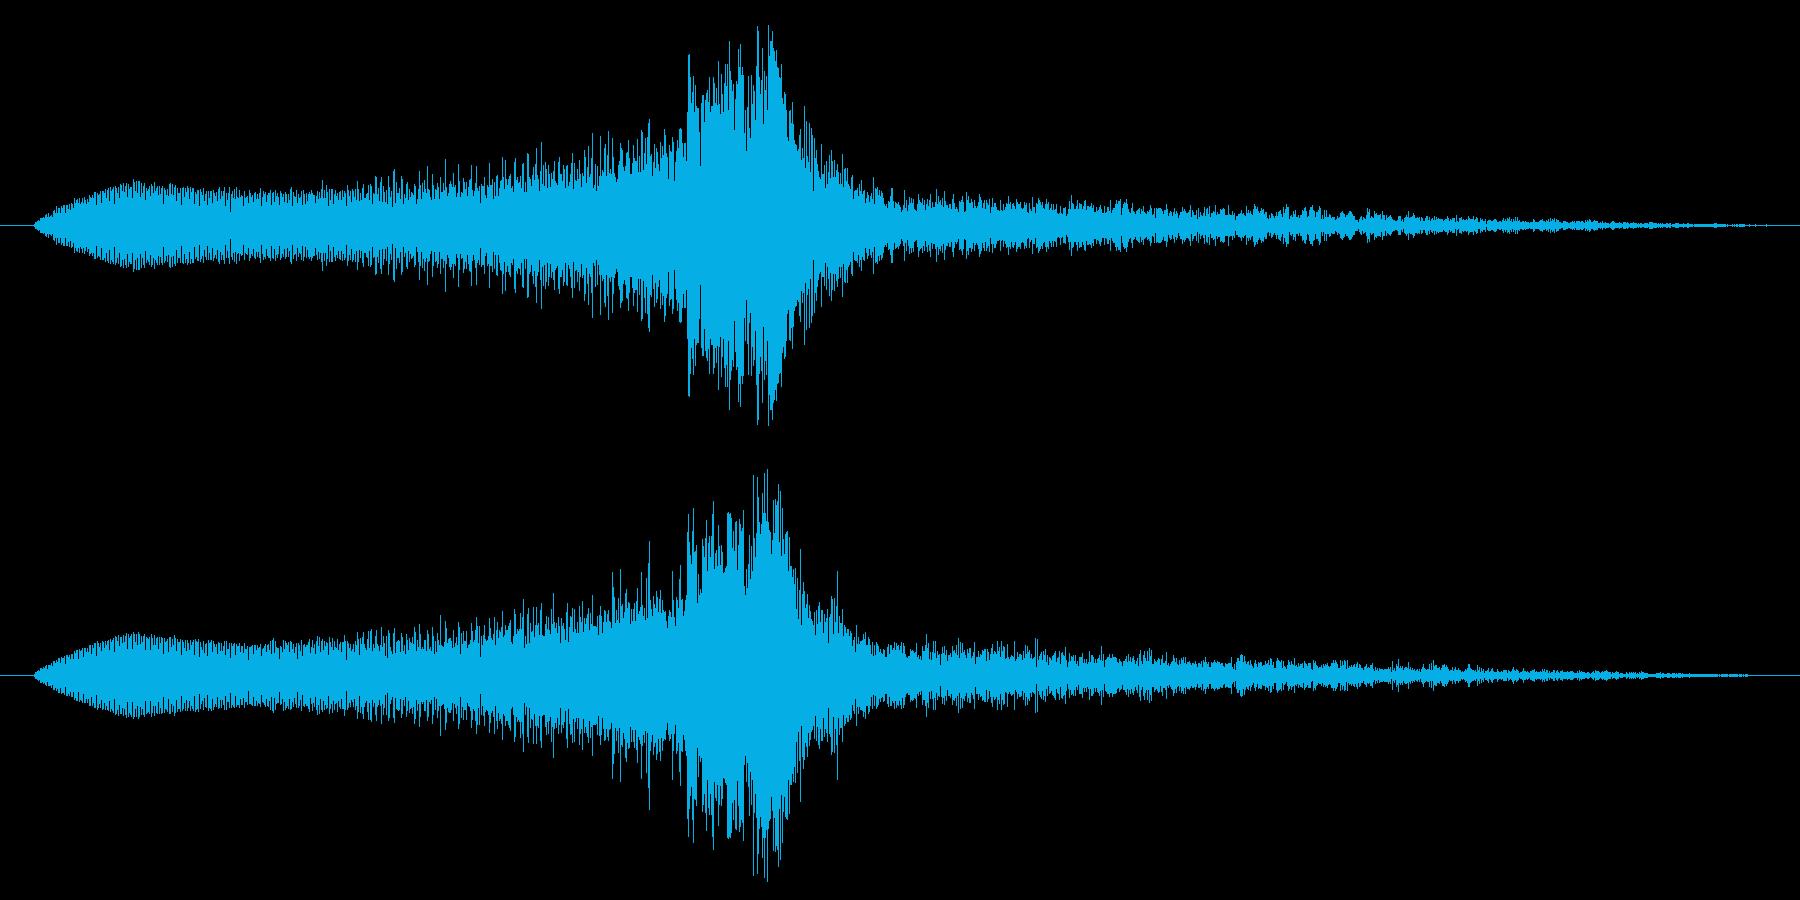 ヒューと不気味に近寄るホラーSEの再生済みの波形